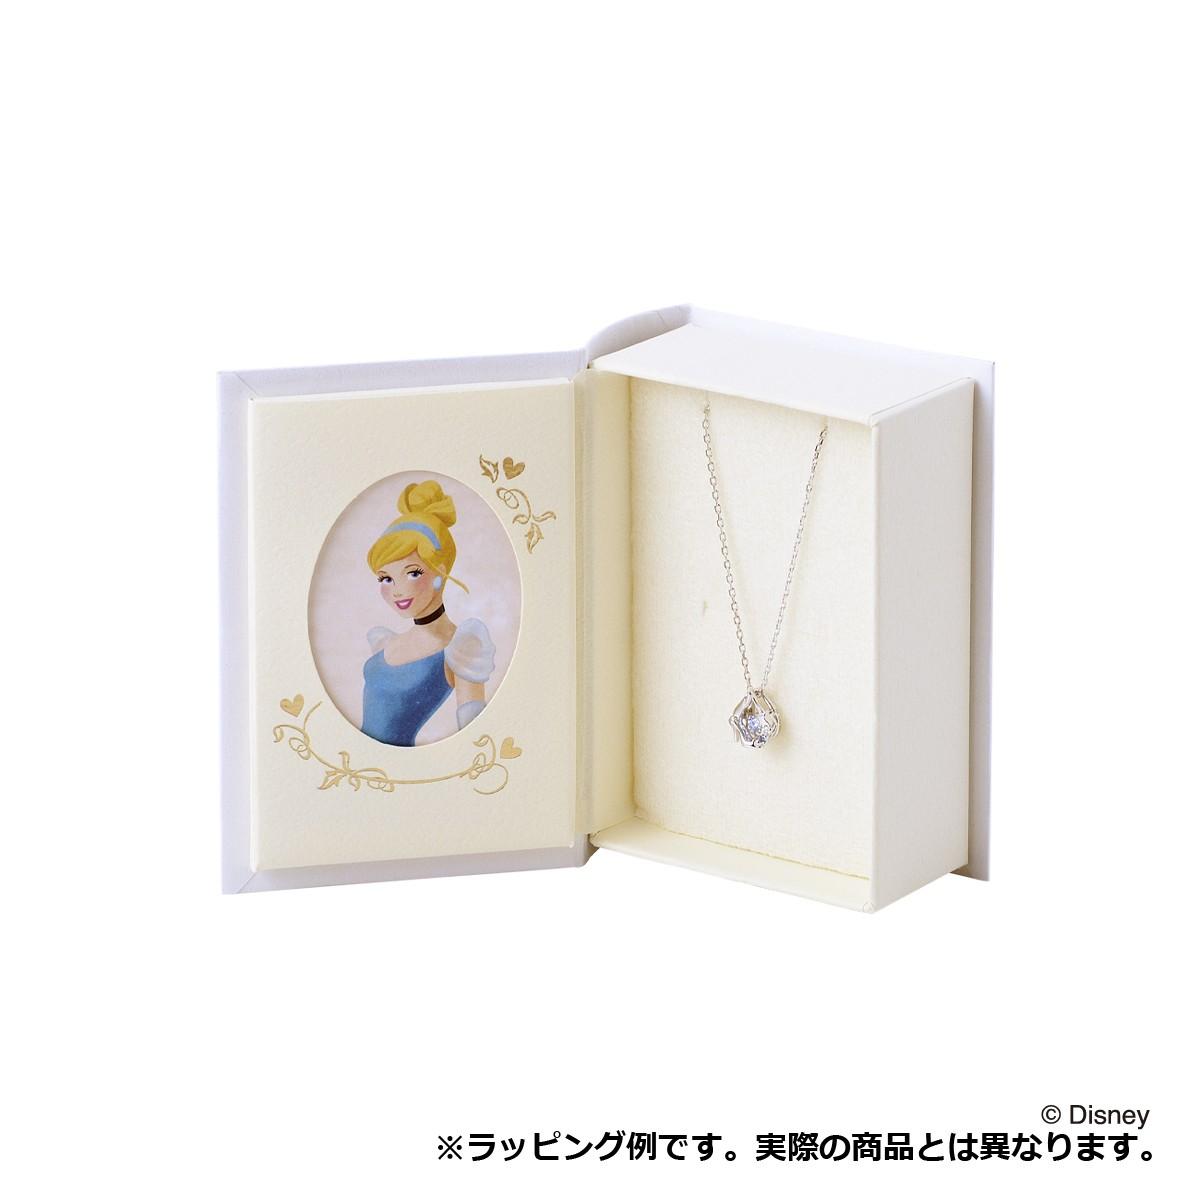 【ディズニー】THE KISS プリンセス シンデレラ リング 指輪  DI-SR1504CZ 【Disney】